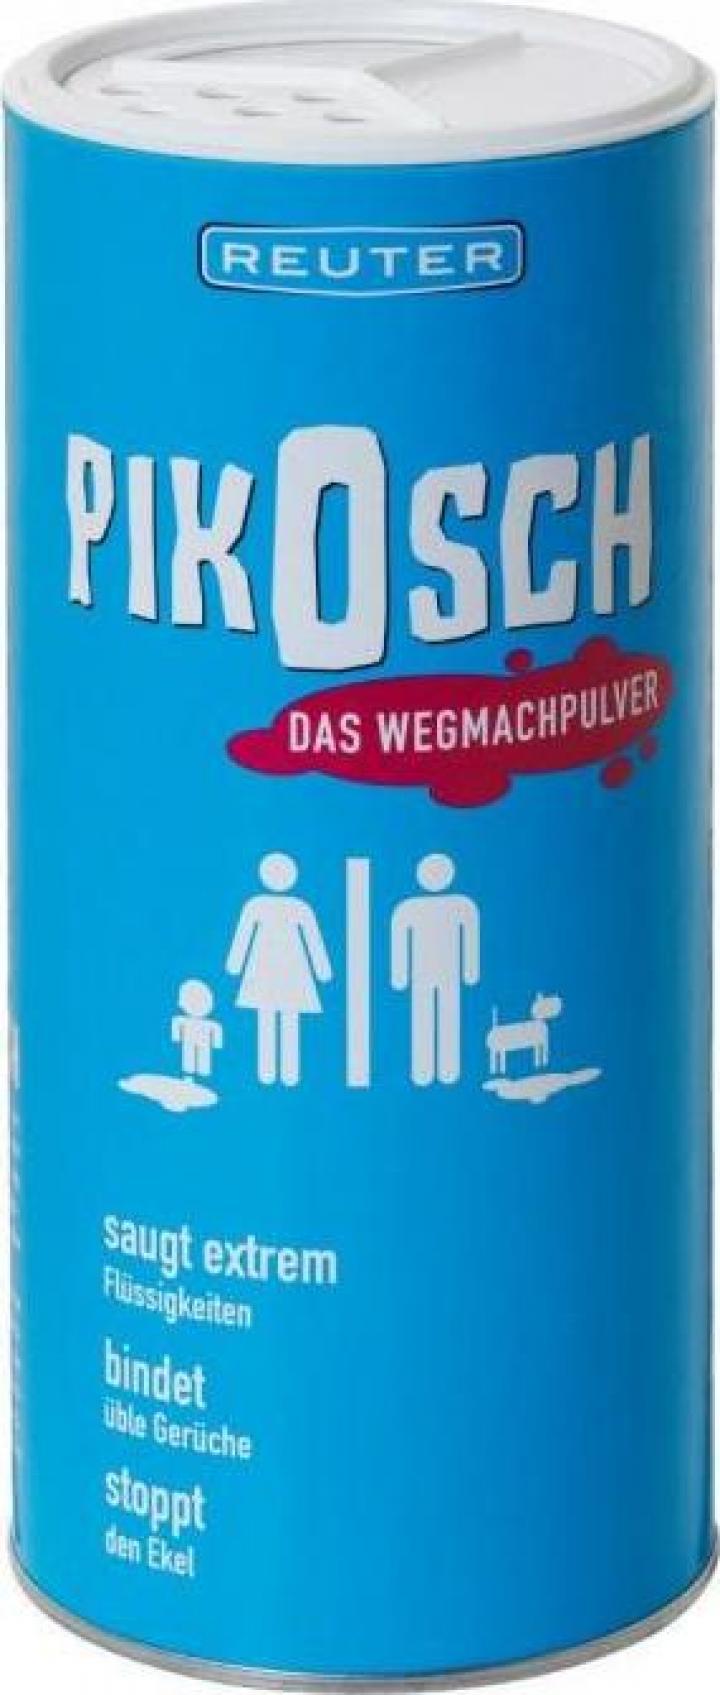 Pudra Pikosch indepartare lichide (urina, sange, voma)